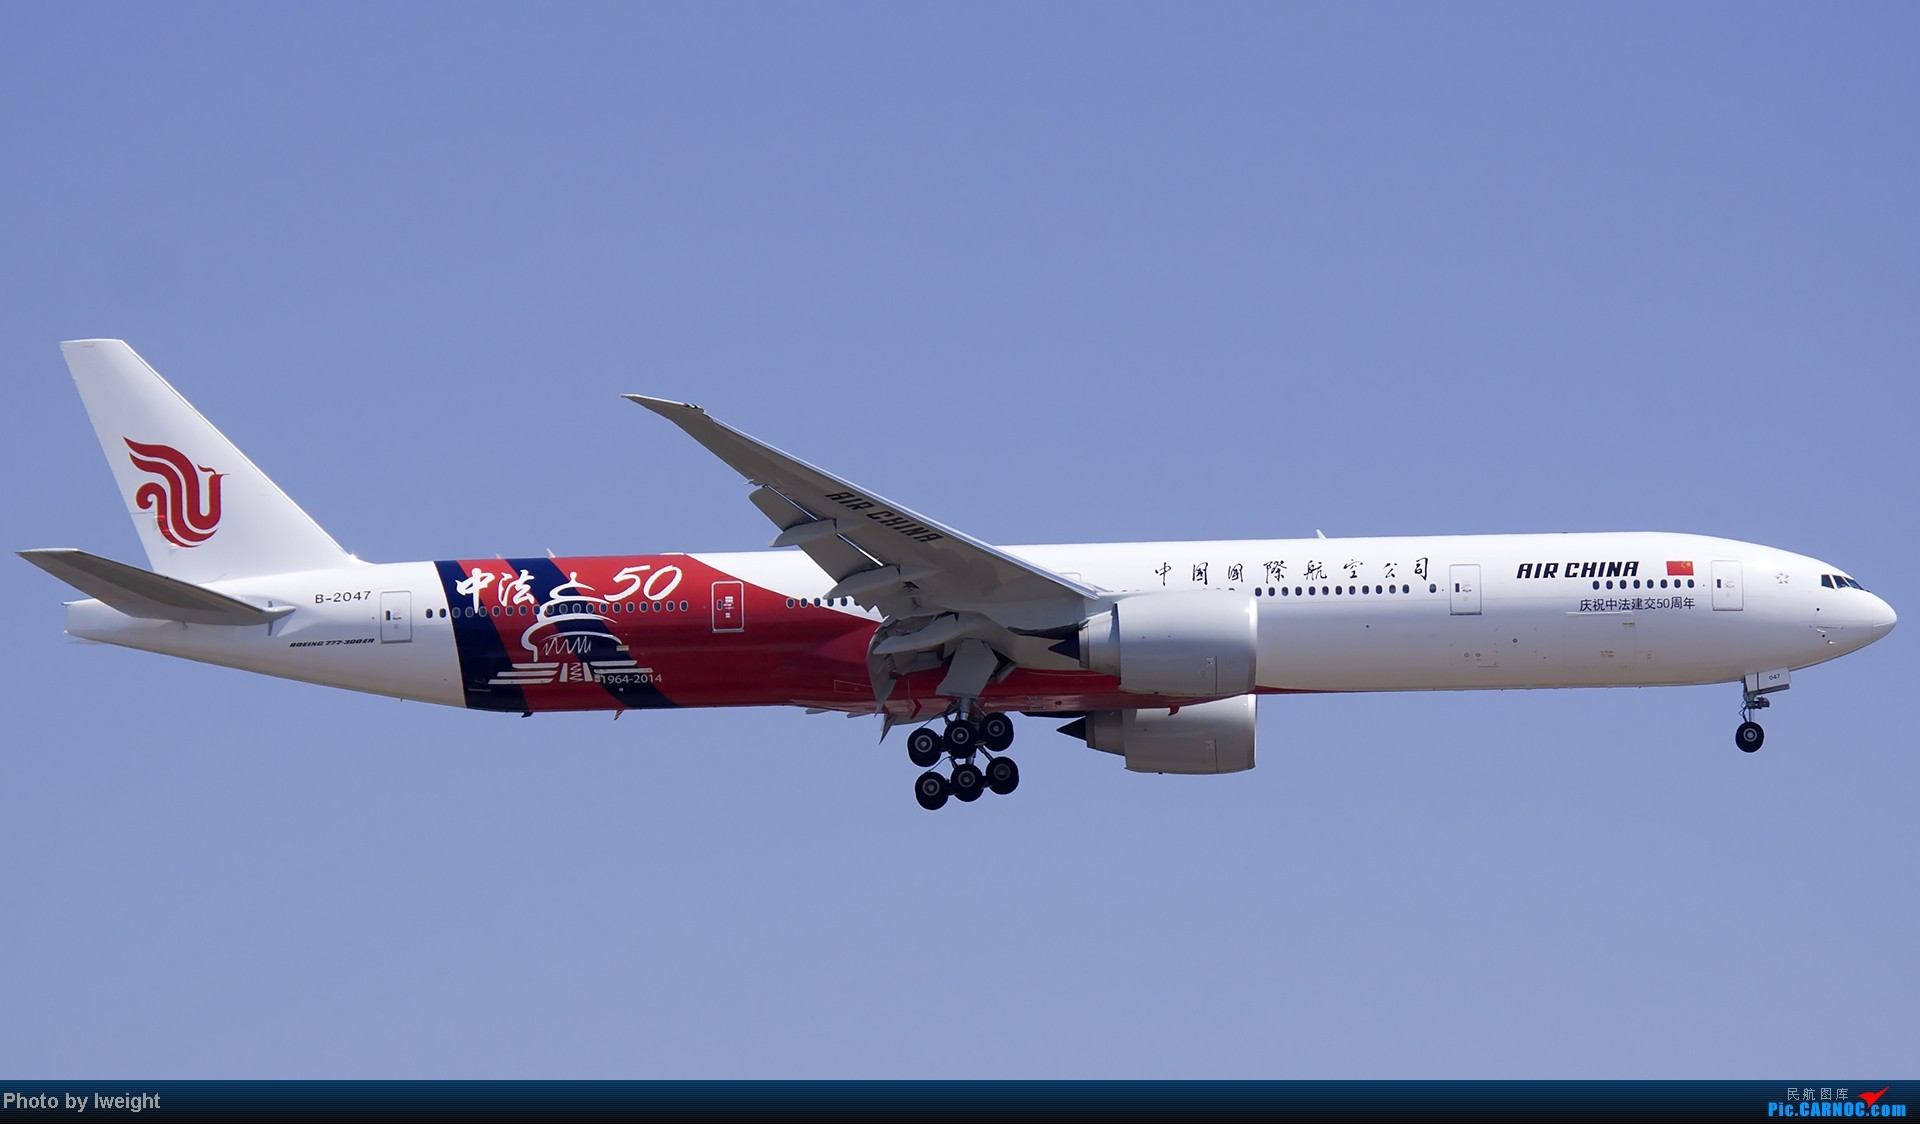 Re:[原创]5月12日PEK好天从01→19→18R BOEING 777-300 B-2047 中国北京首都机场